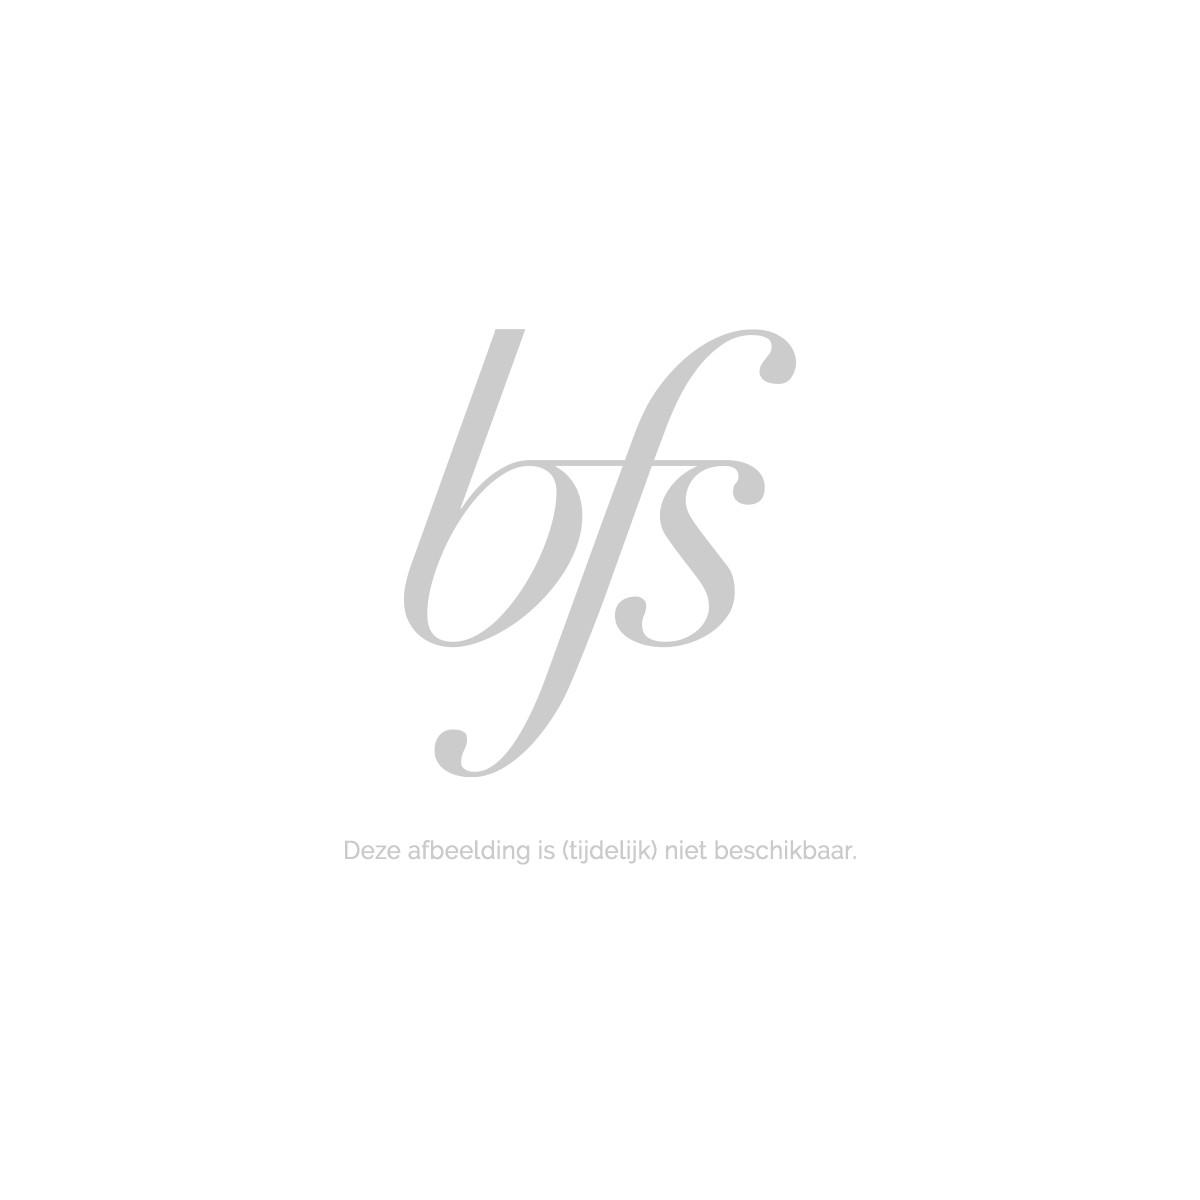 Lacoste Eau de Lacoste L.12.12 Blanc Deodorant 75 ml